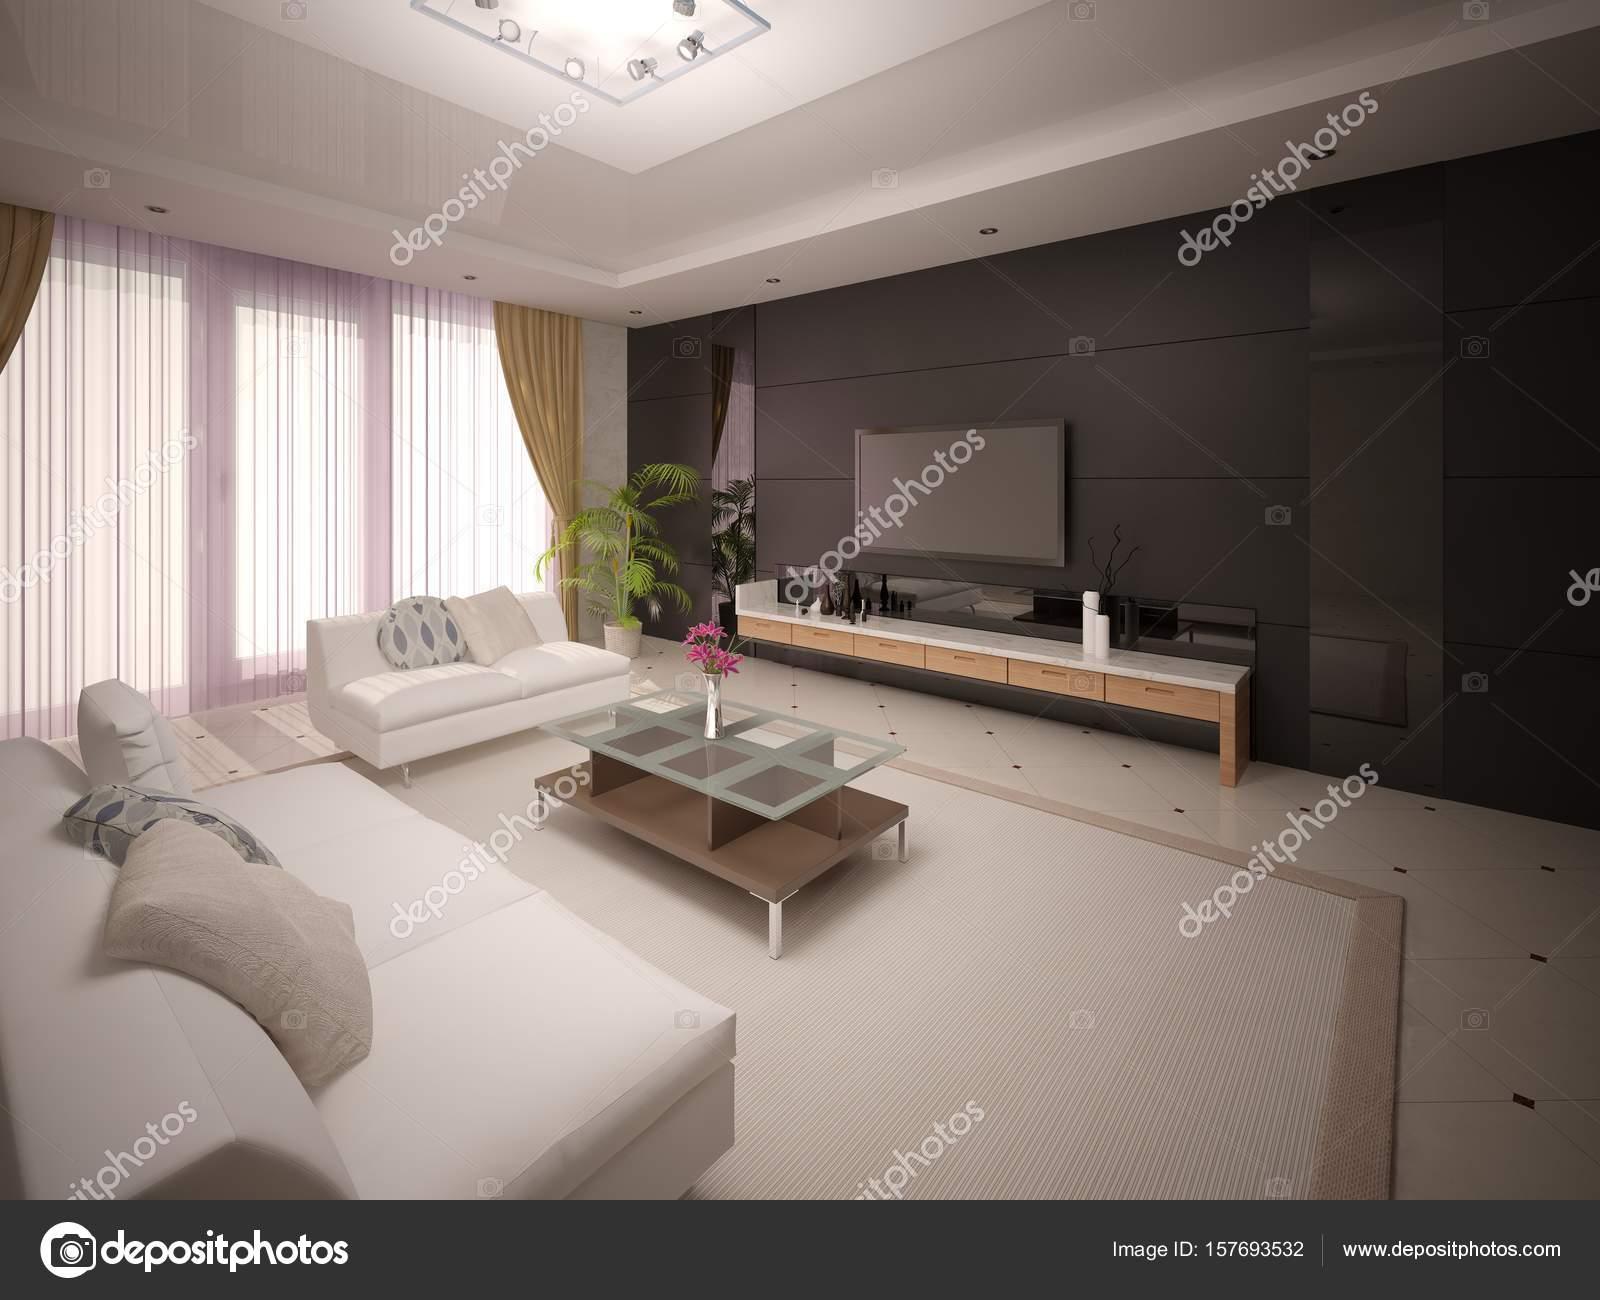 Salone moderno elegante con arredamento confortevole for Arredamento moderno elegante